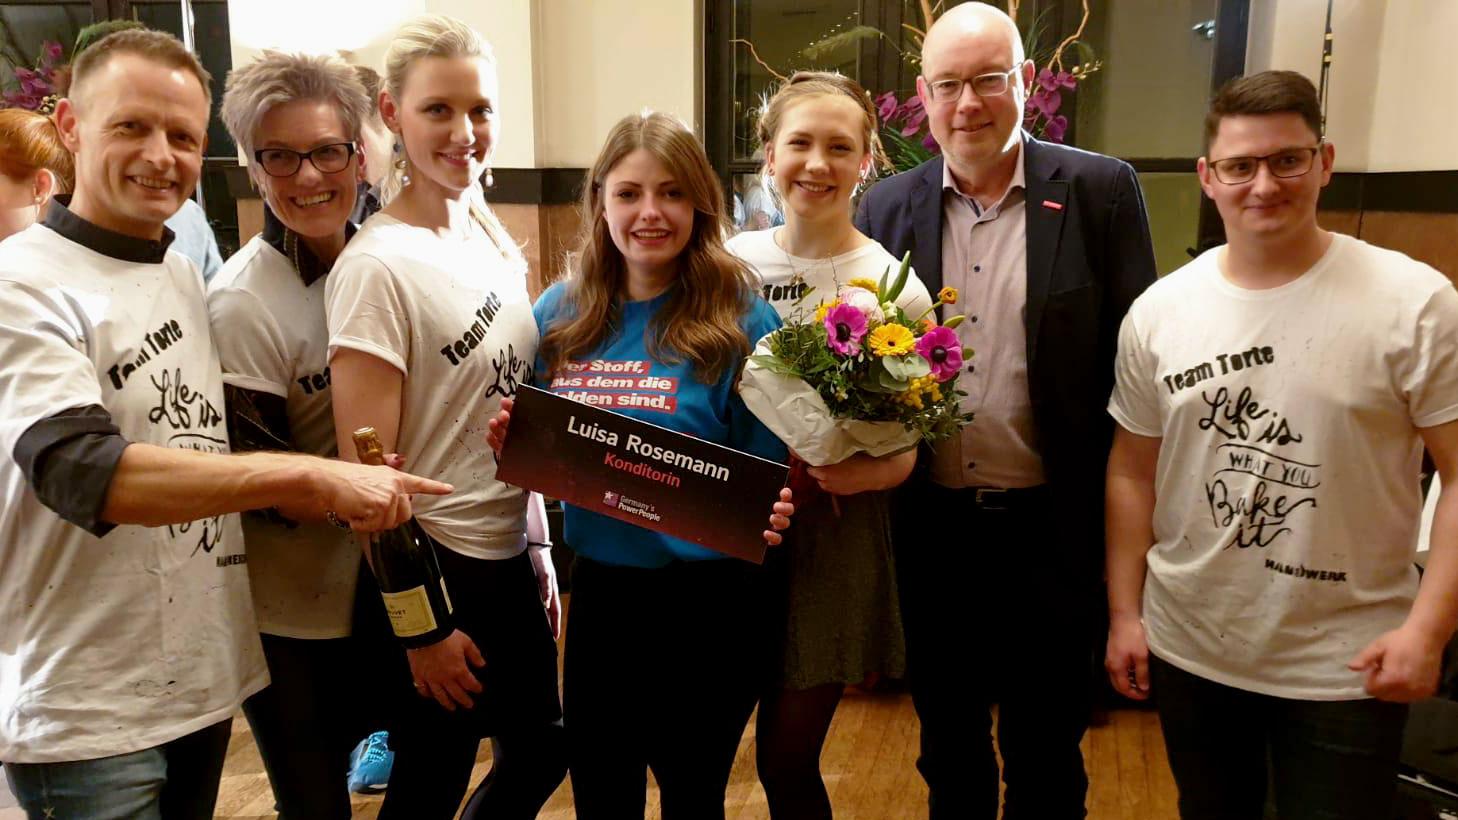 Luisa Rosemann strahlt - auch wenn sie nicht Miss Handwerk 2020 ist